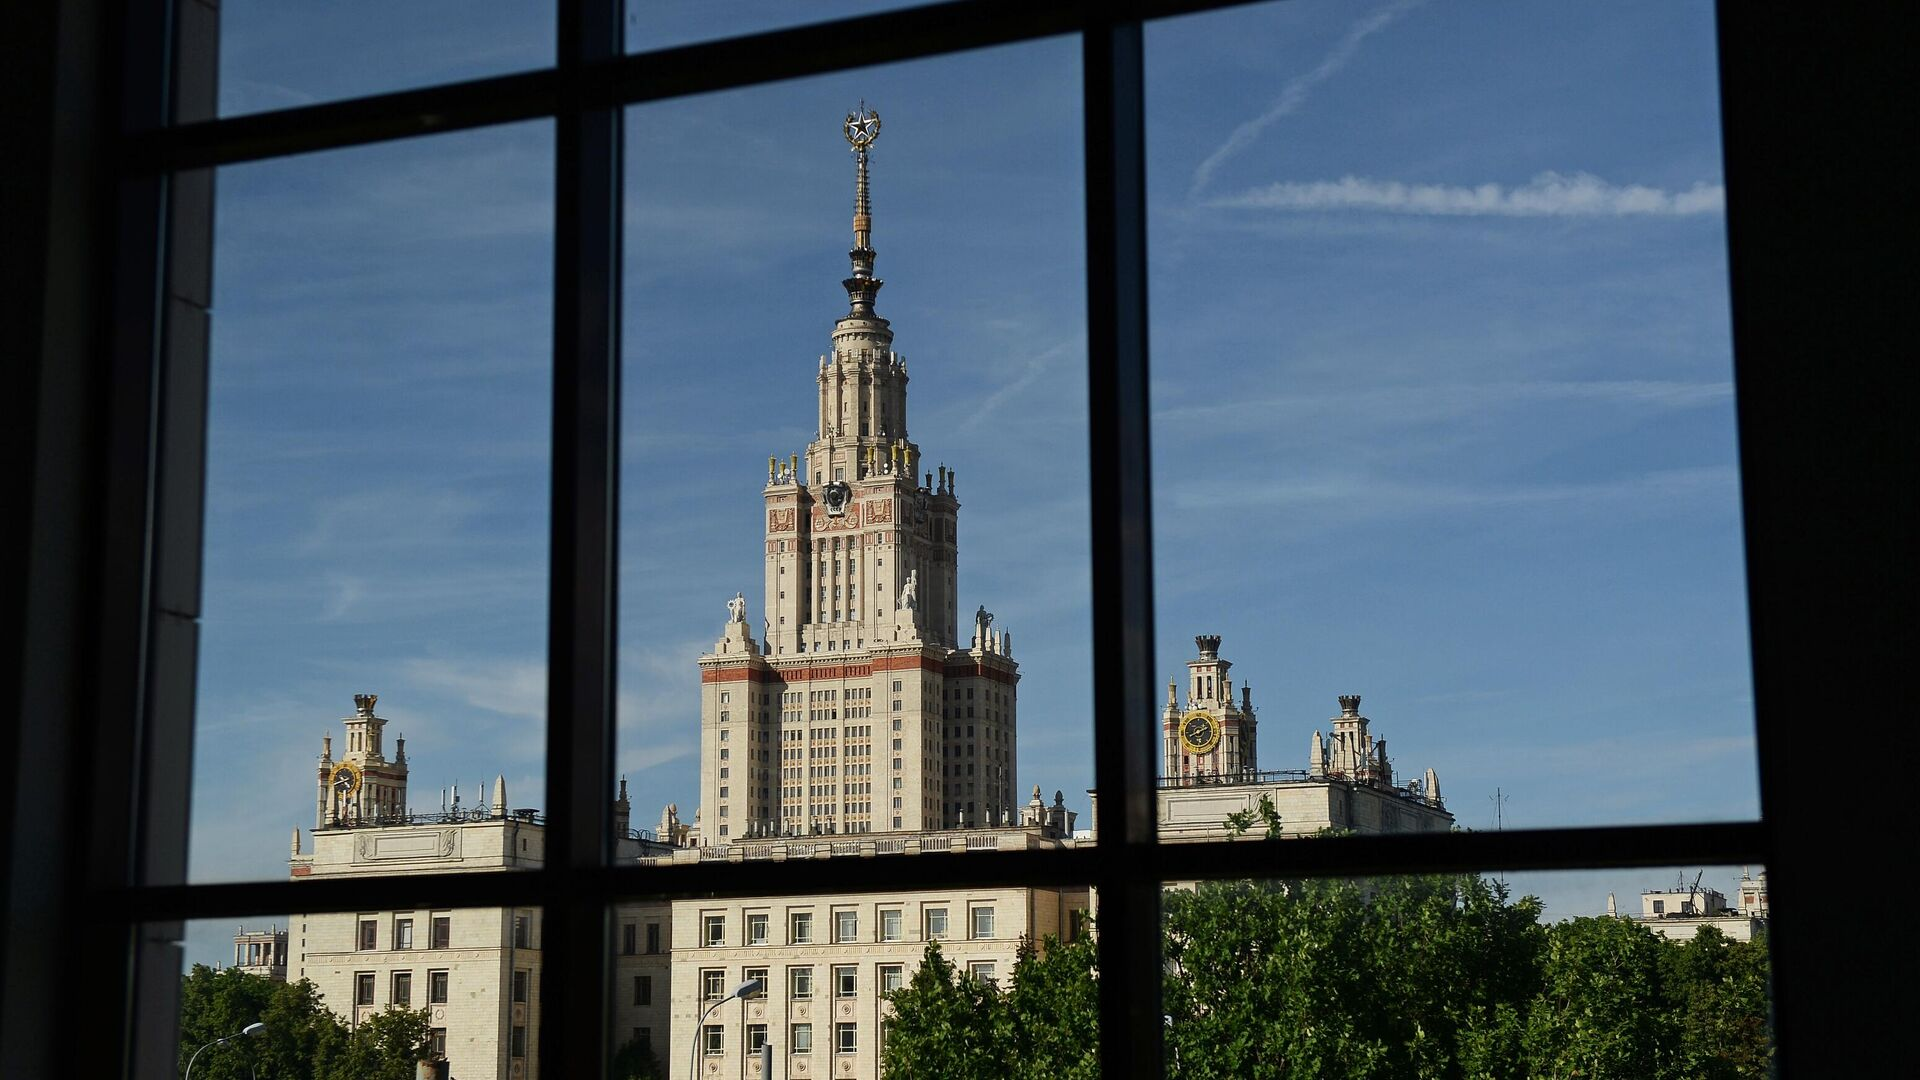 Вид на здание Московского государственного университета имени М.В. Ломоносова - РИА Новости, 1920, 03.03.2021